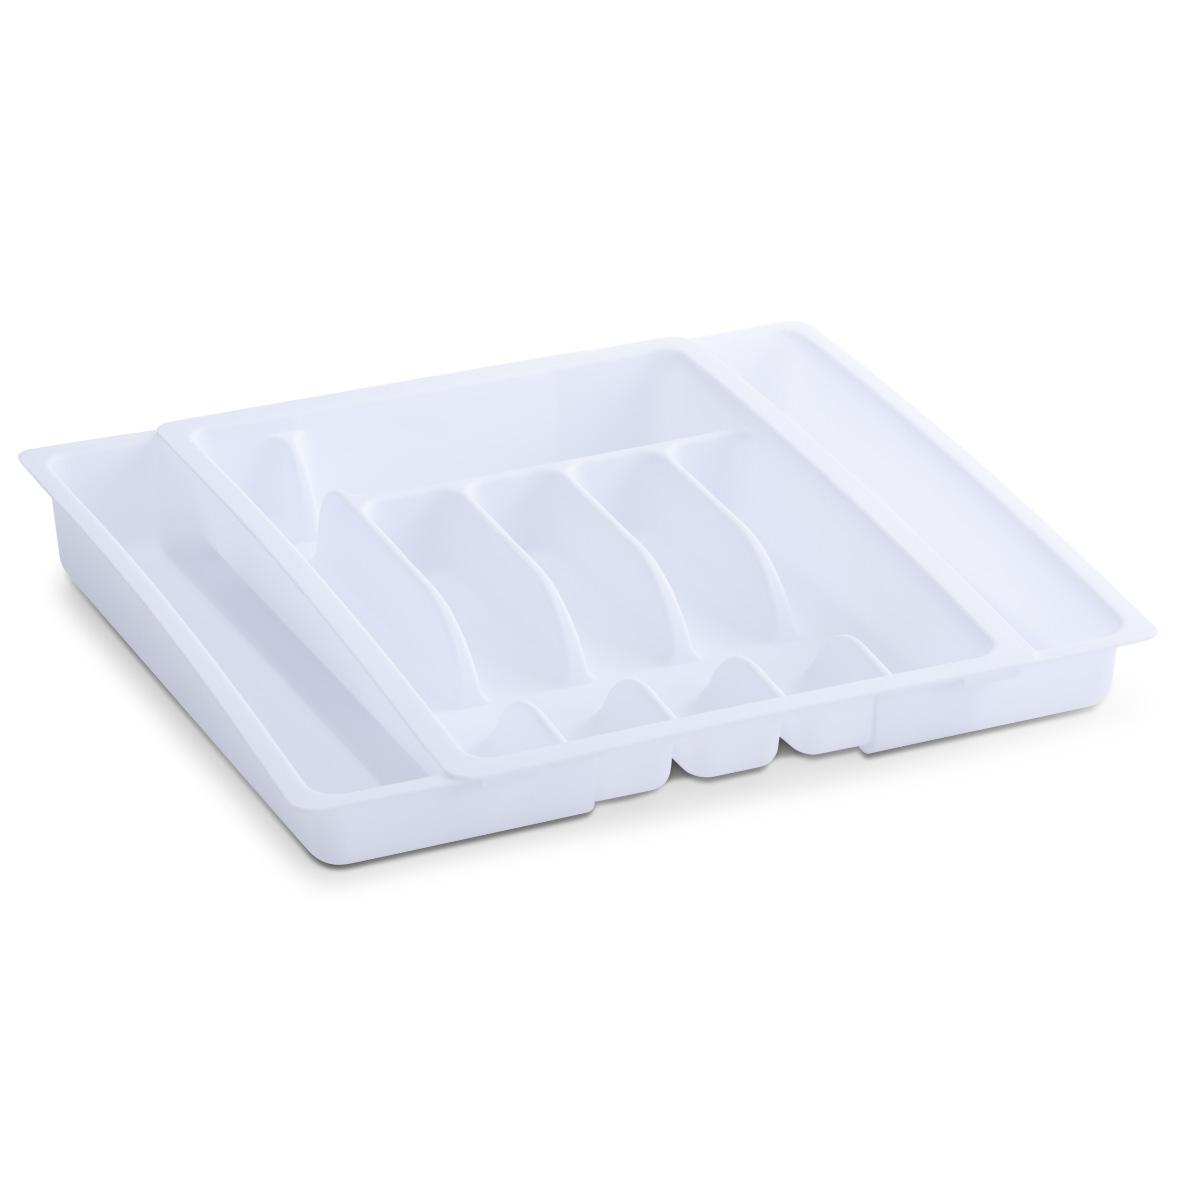 Organizator pentru tacamuri, din plastic, Tray Alb, 6-8 compartimente, l29-50xA38xH6,5 cm imagine